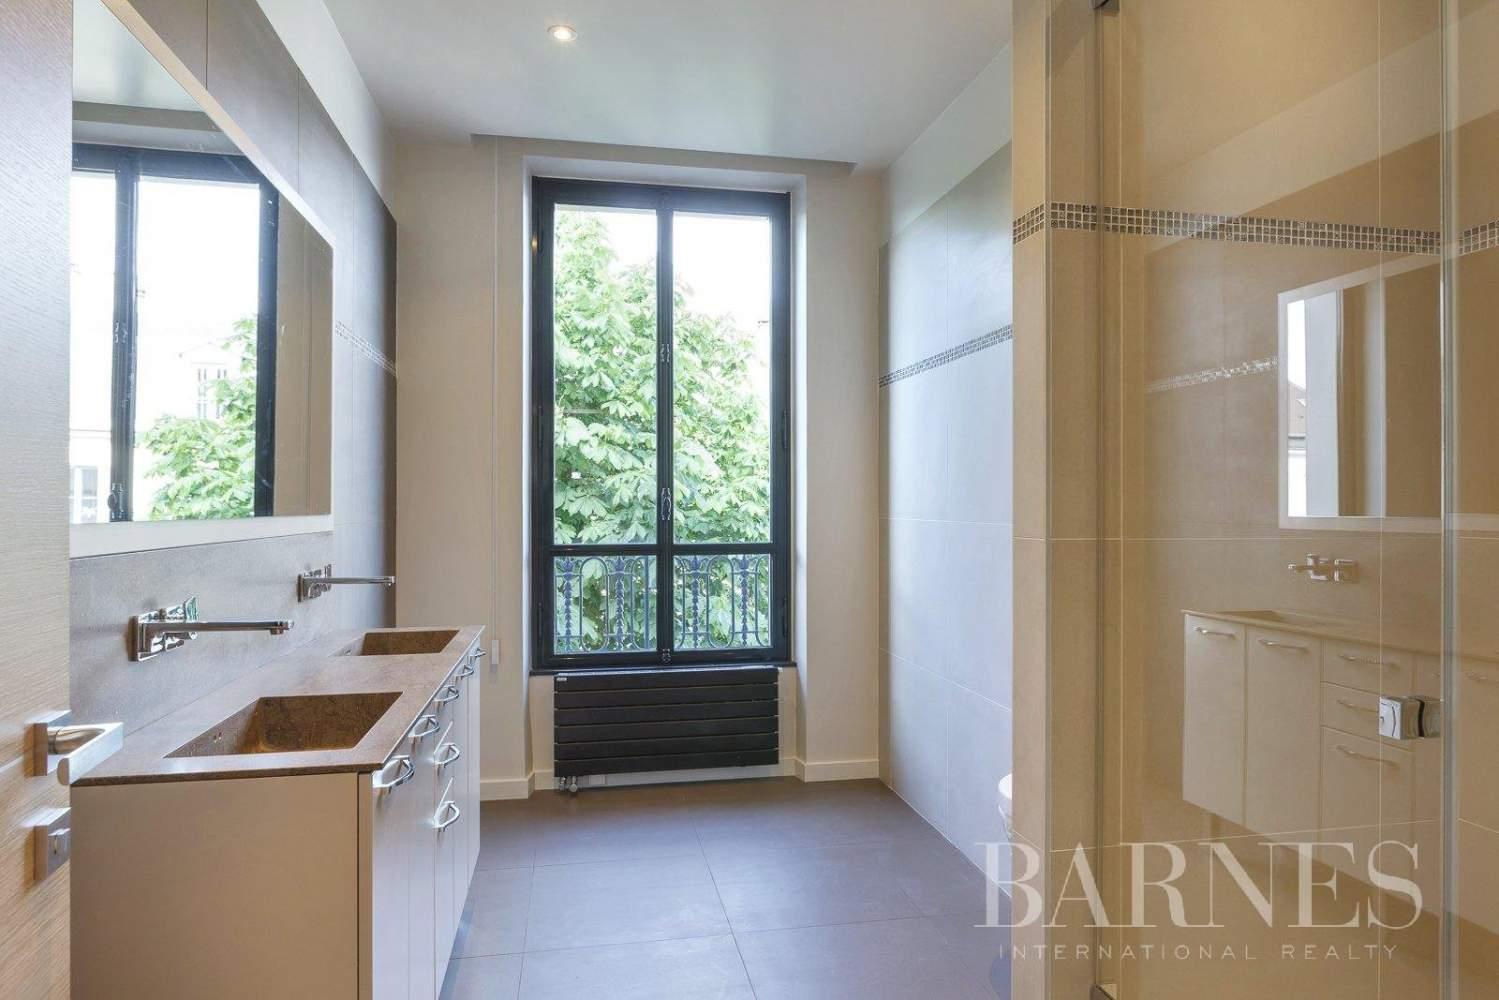 Saint-Germain-en-Laye  - Appartement 8 Pièces 6 Chambres - picture 18